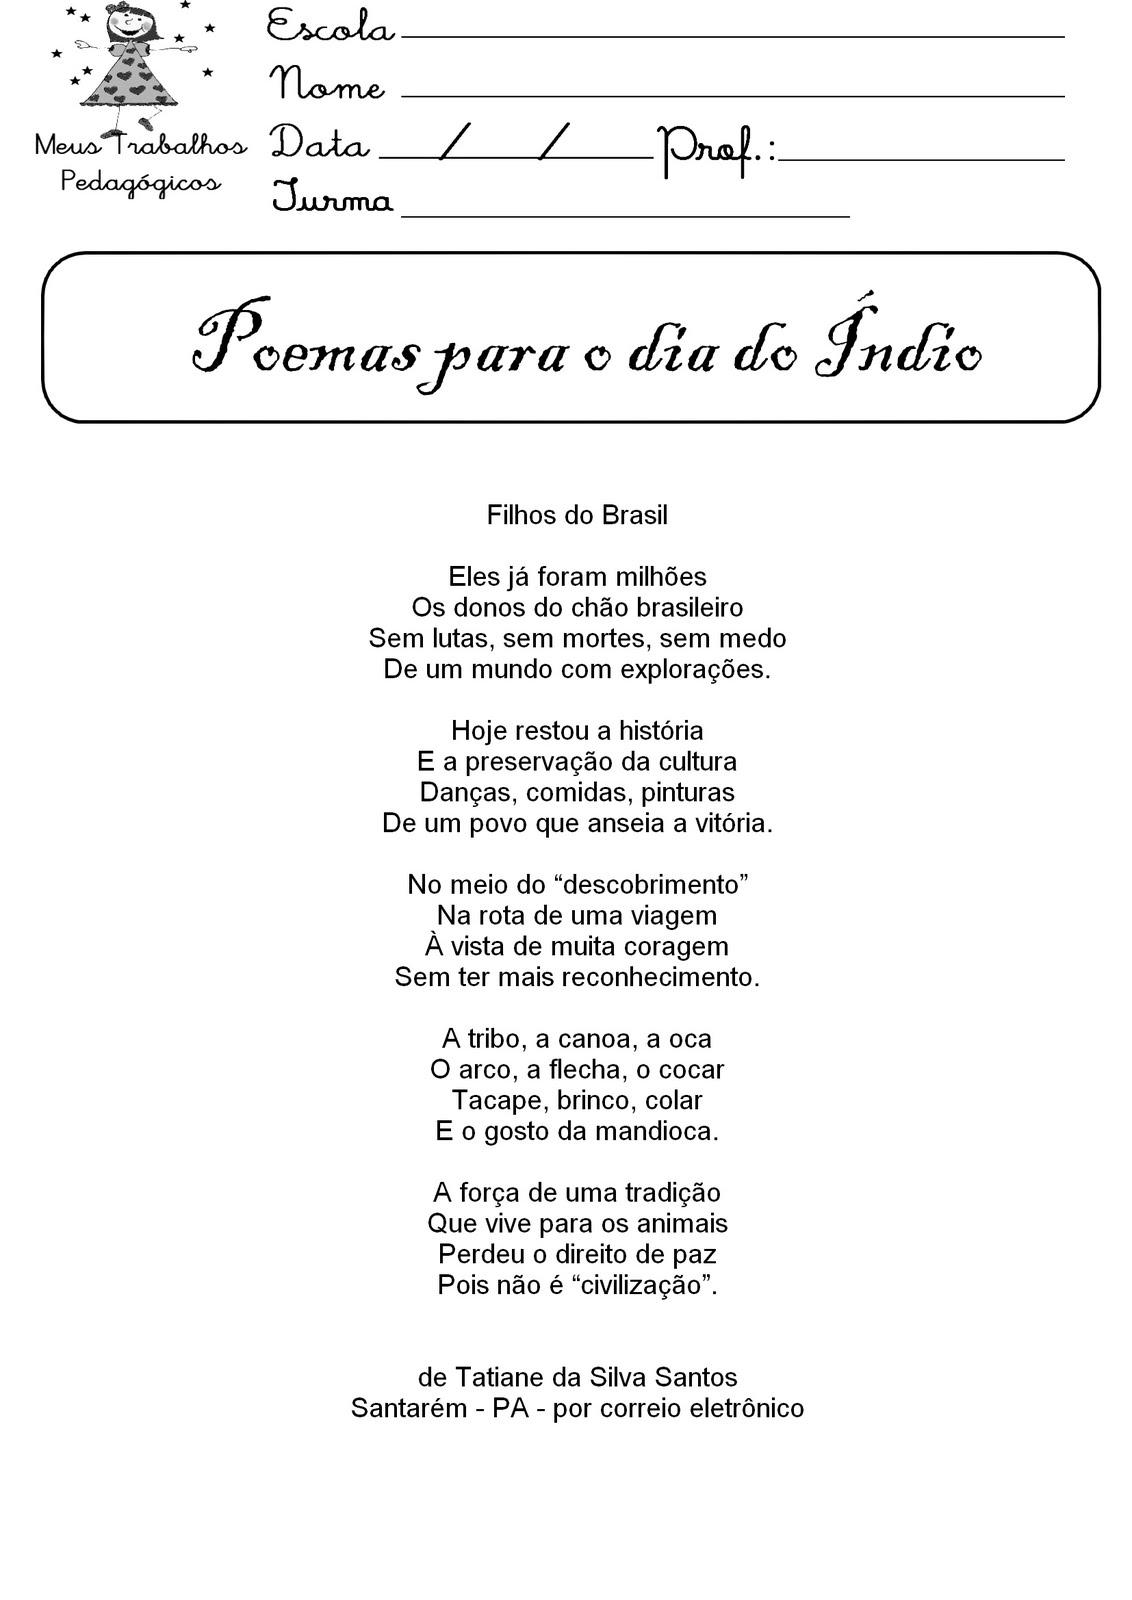 Poema para o dia do índio